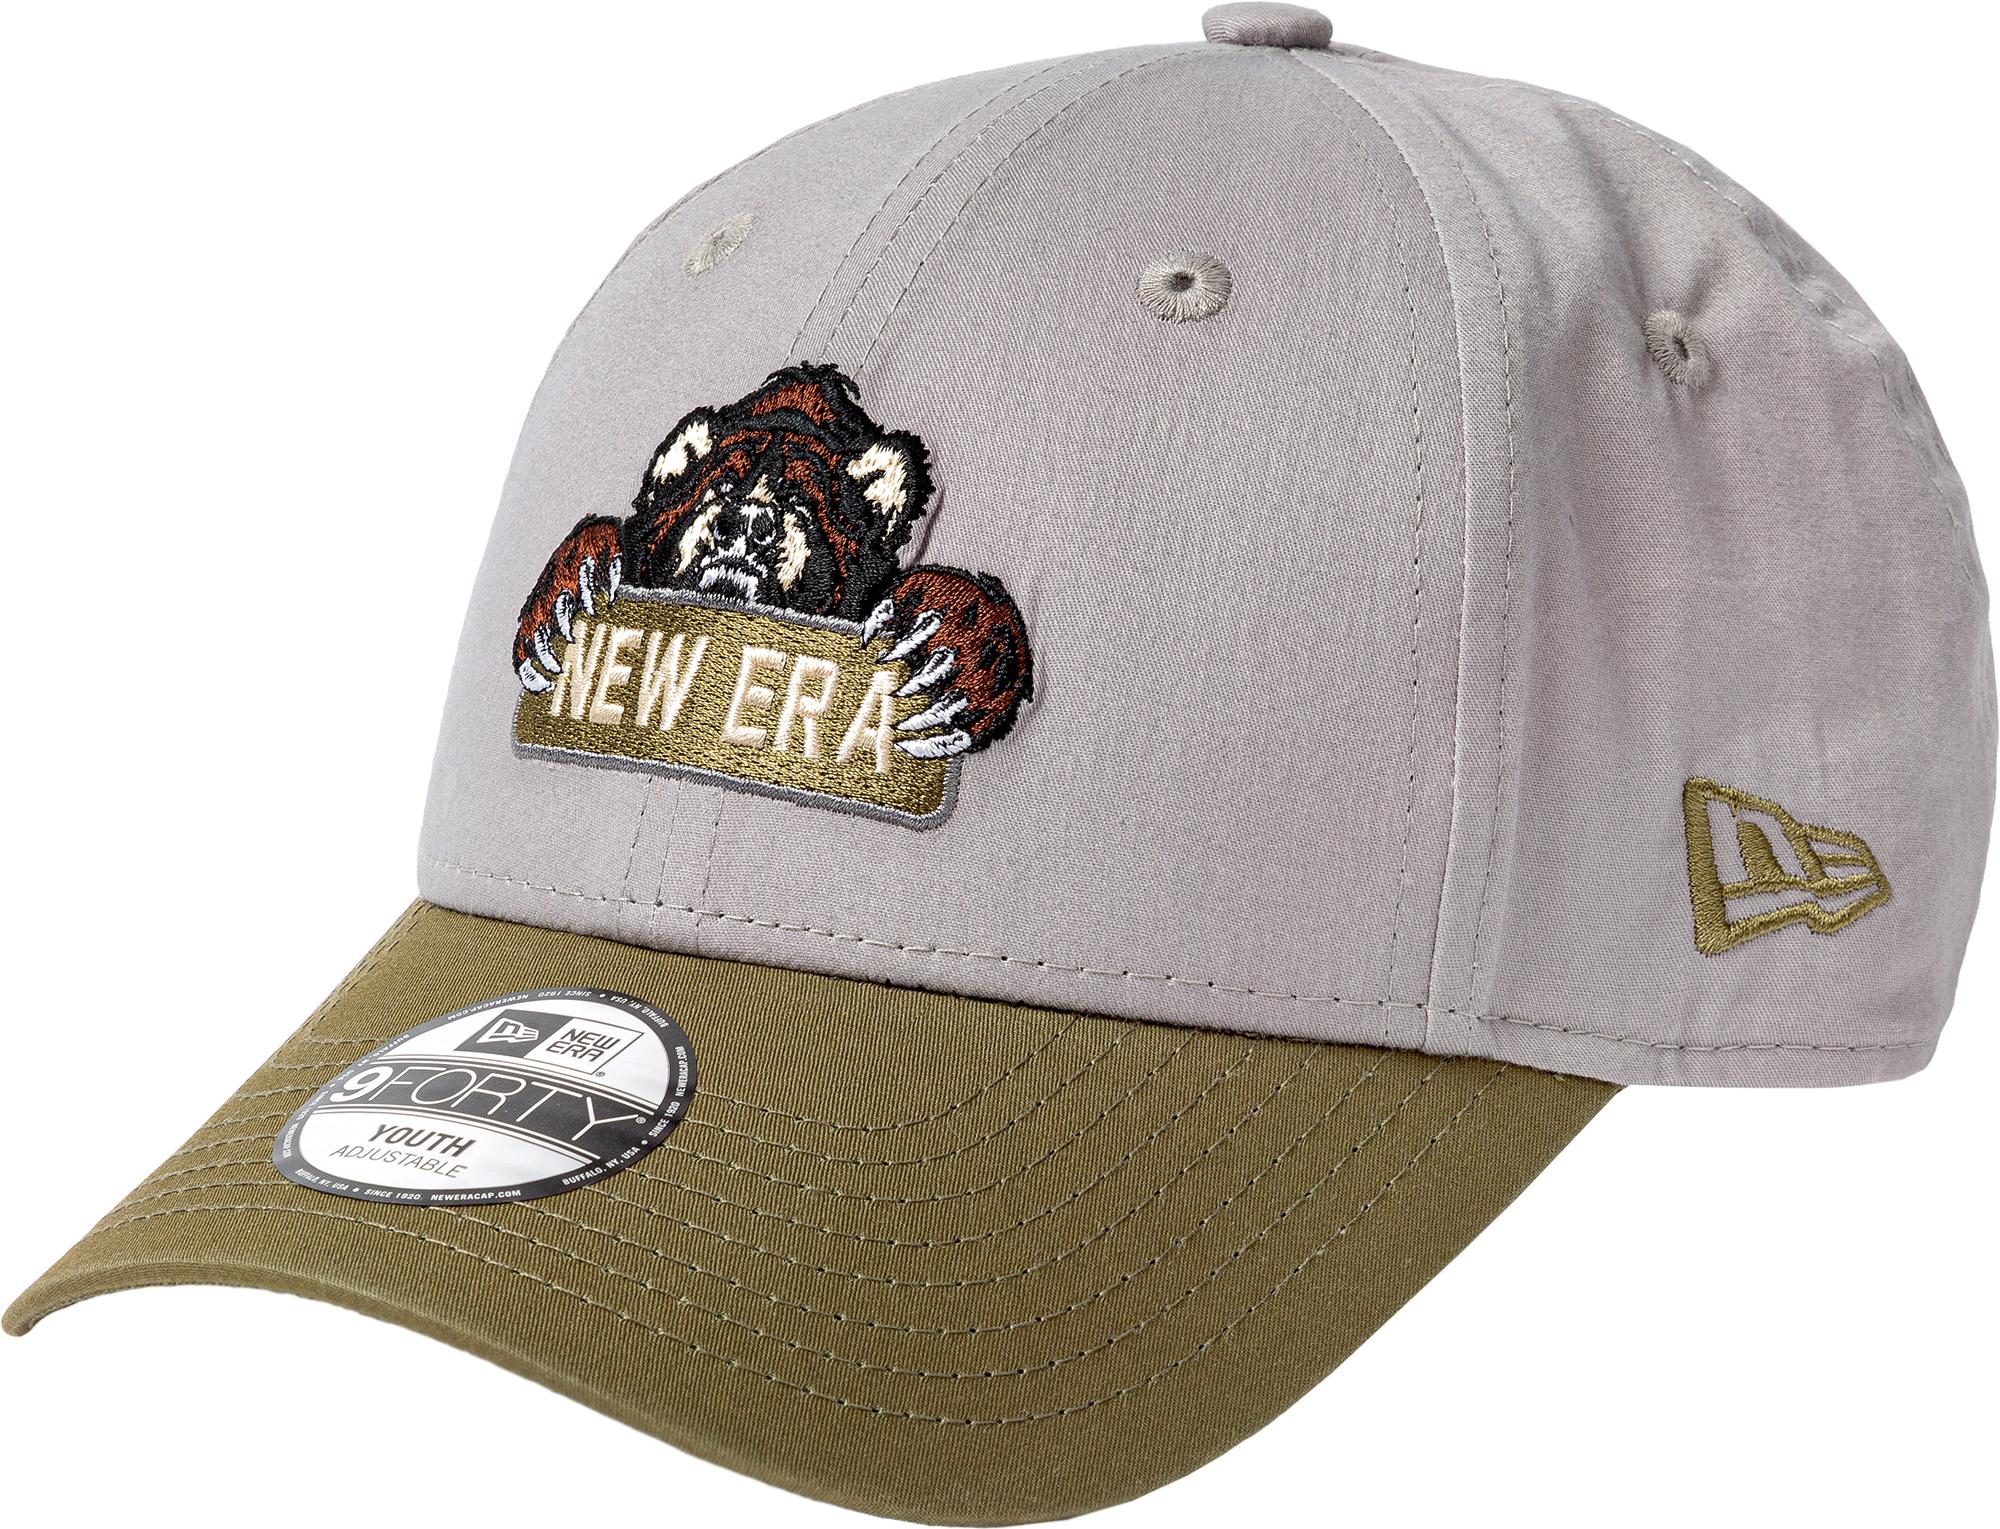 New Era Бейсболка для мальчиков New Era Rus Bear 940, размер 53-54 new era бейсболка для девочек new era butterfly 940 размер 54 55